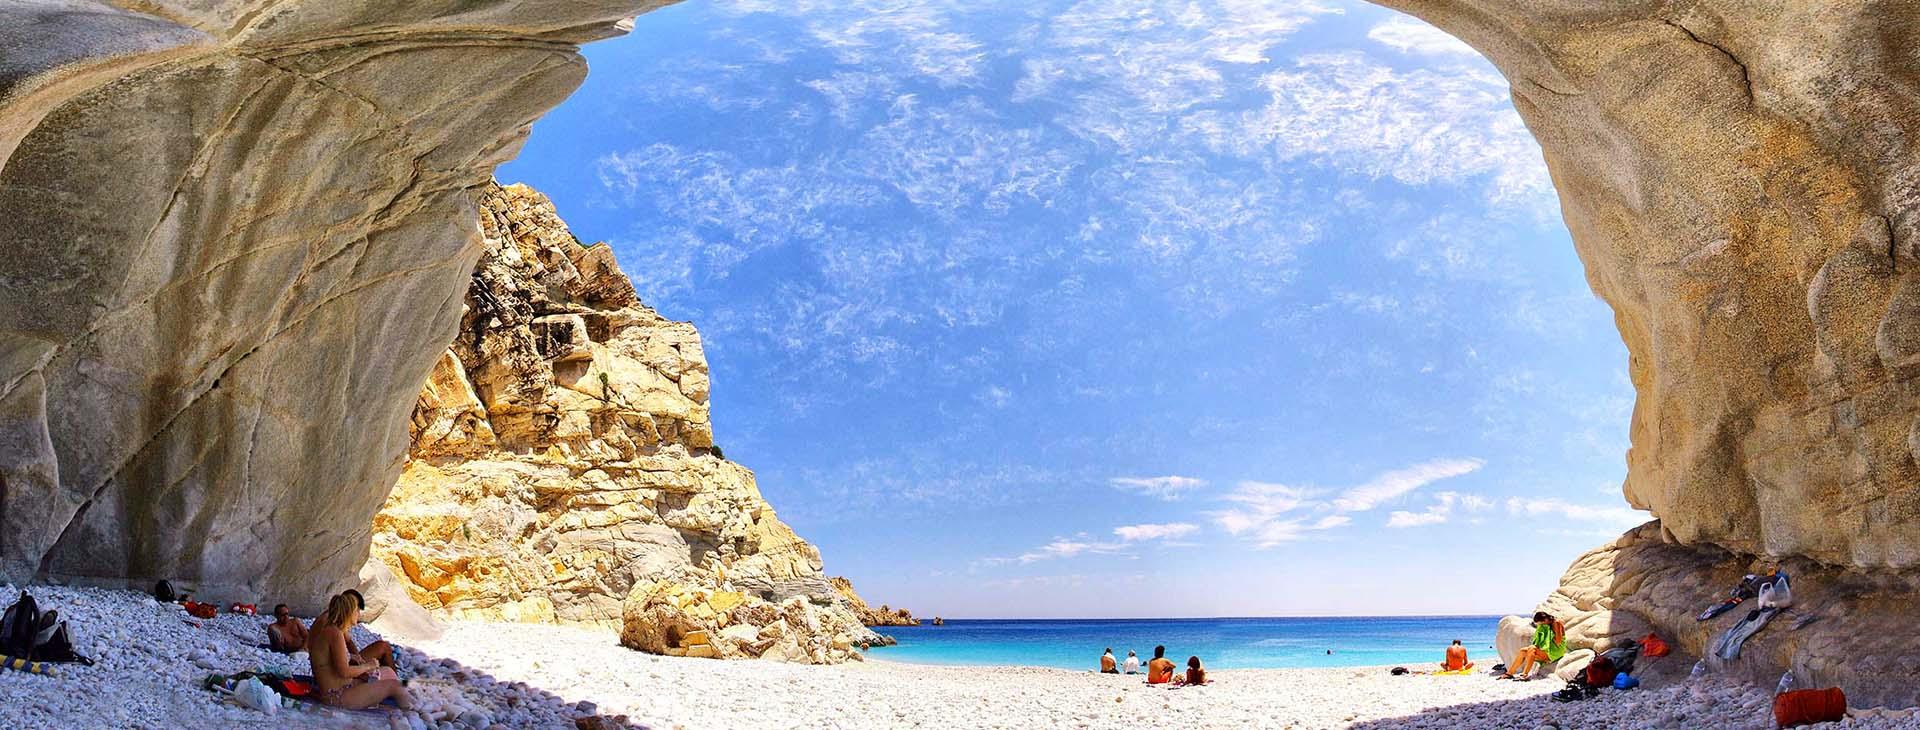 Seychelles beach, Ikaria island